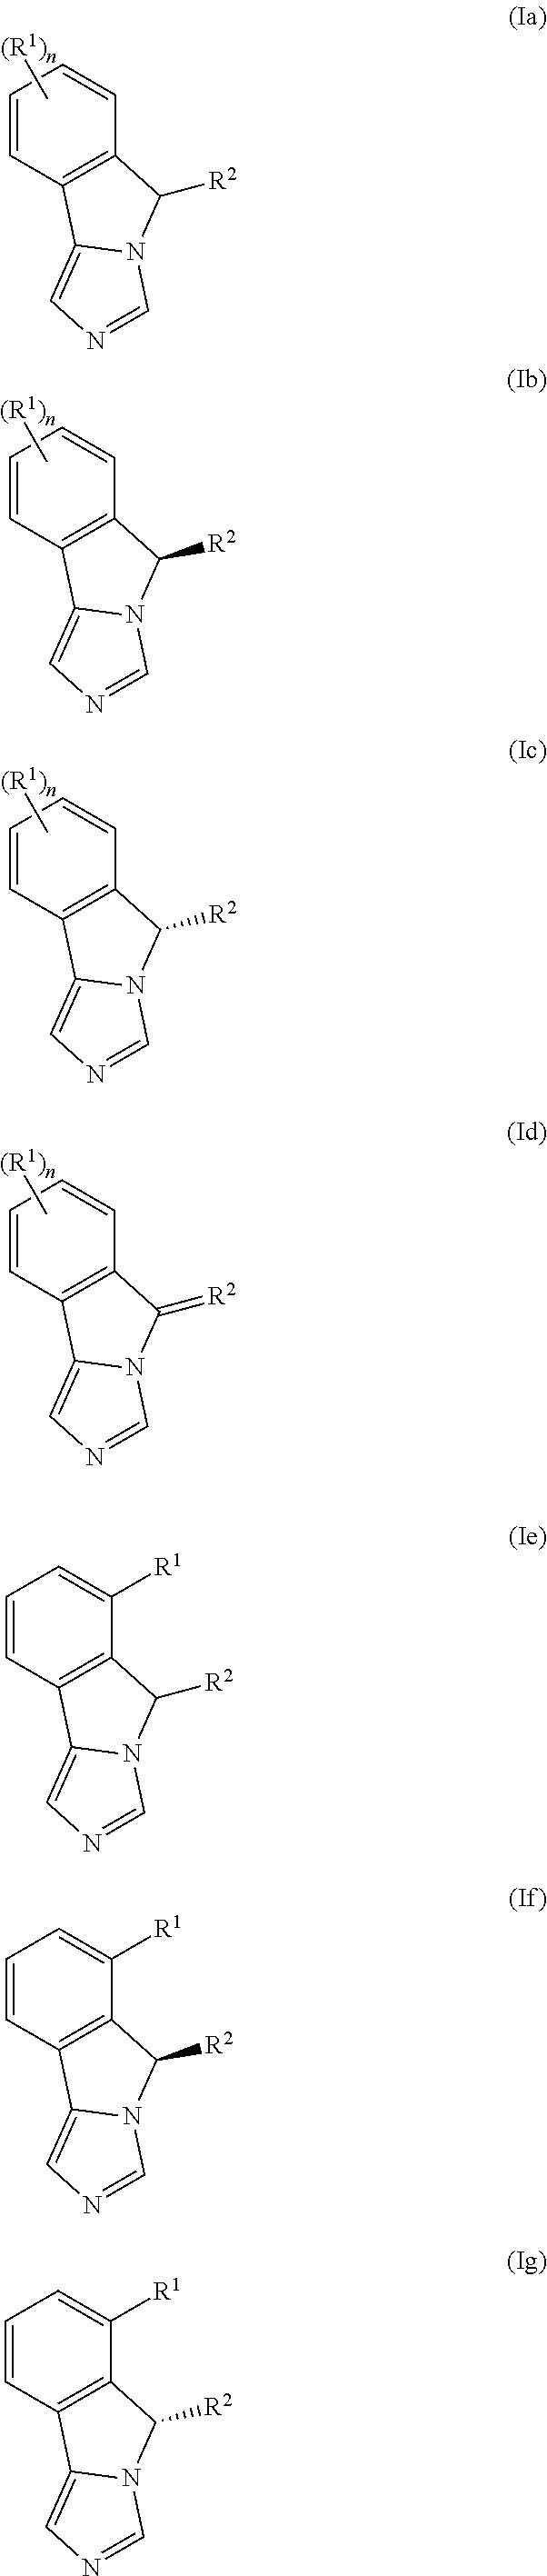 Figure US20160002249A1-20160107-C00004